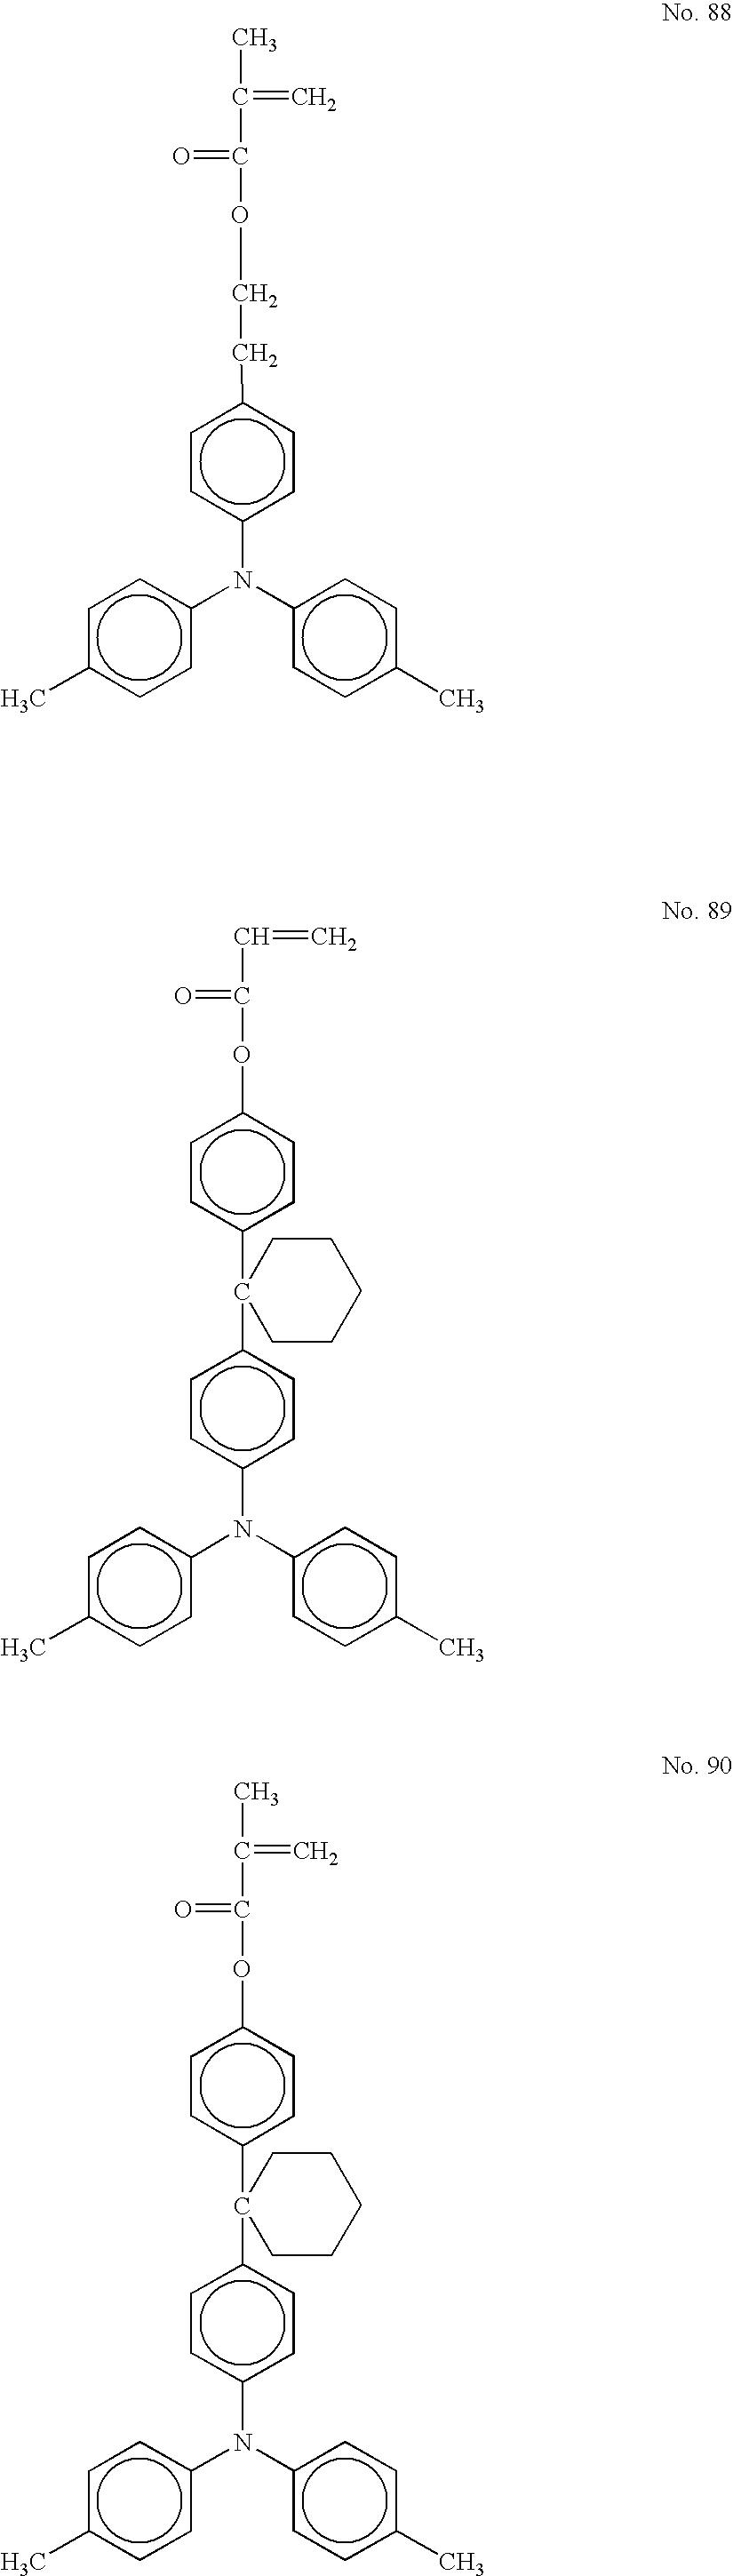 Figure US20040253527A1-20041216-C00041